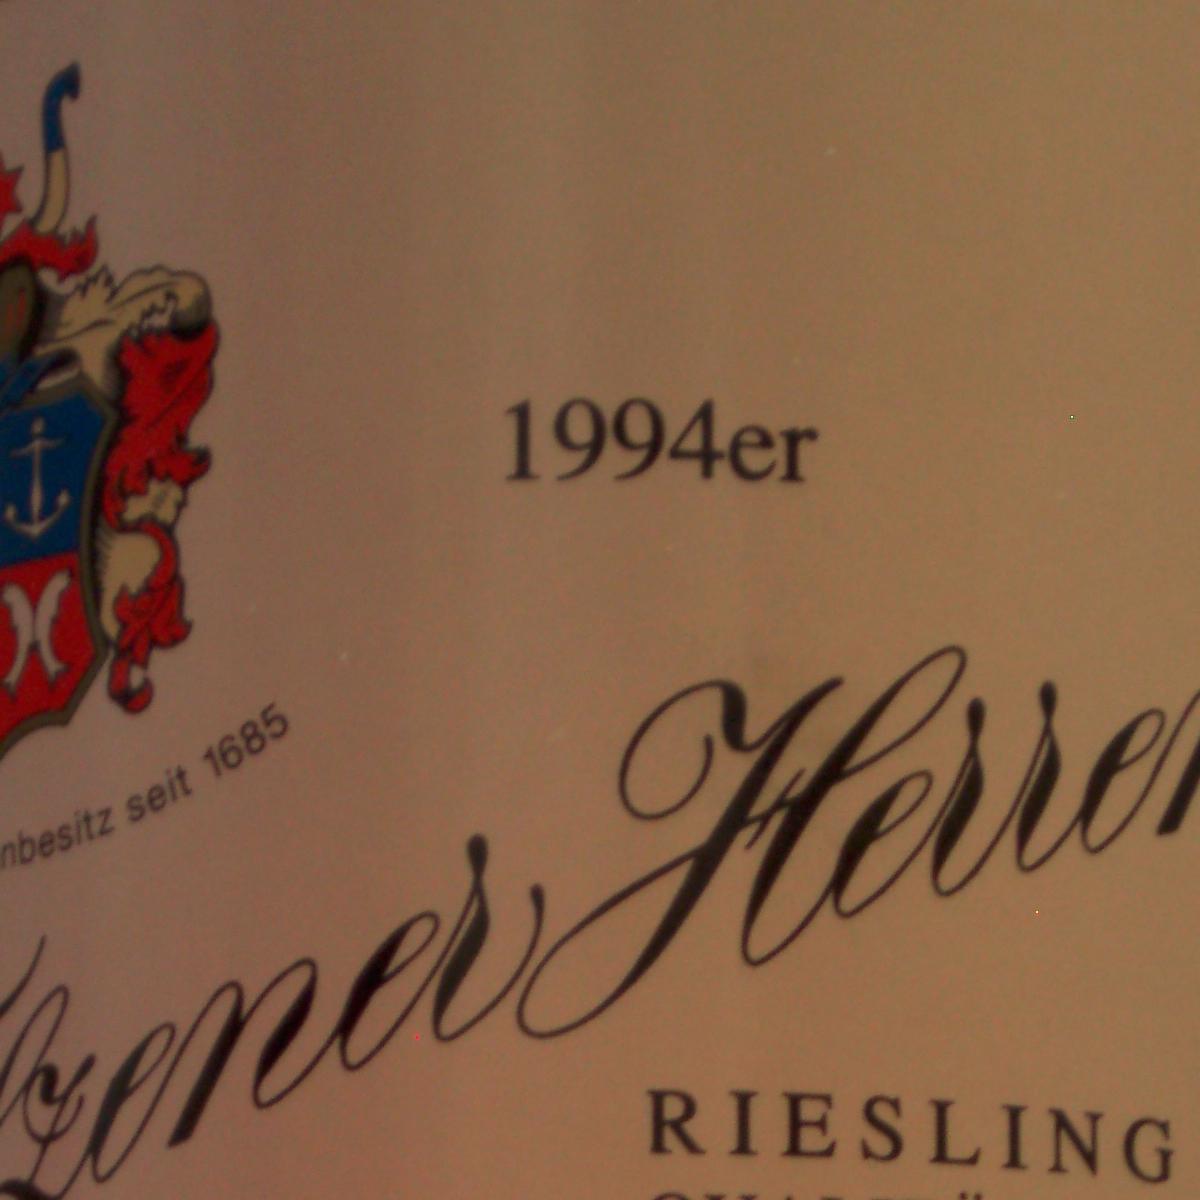 1994 Filzener Herrenberg Riesling Spätlese Weingut Reverchon - thumb